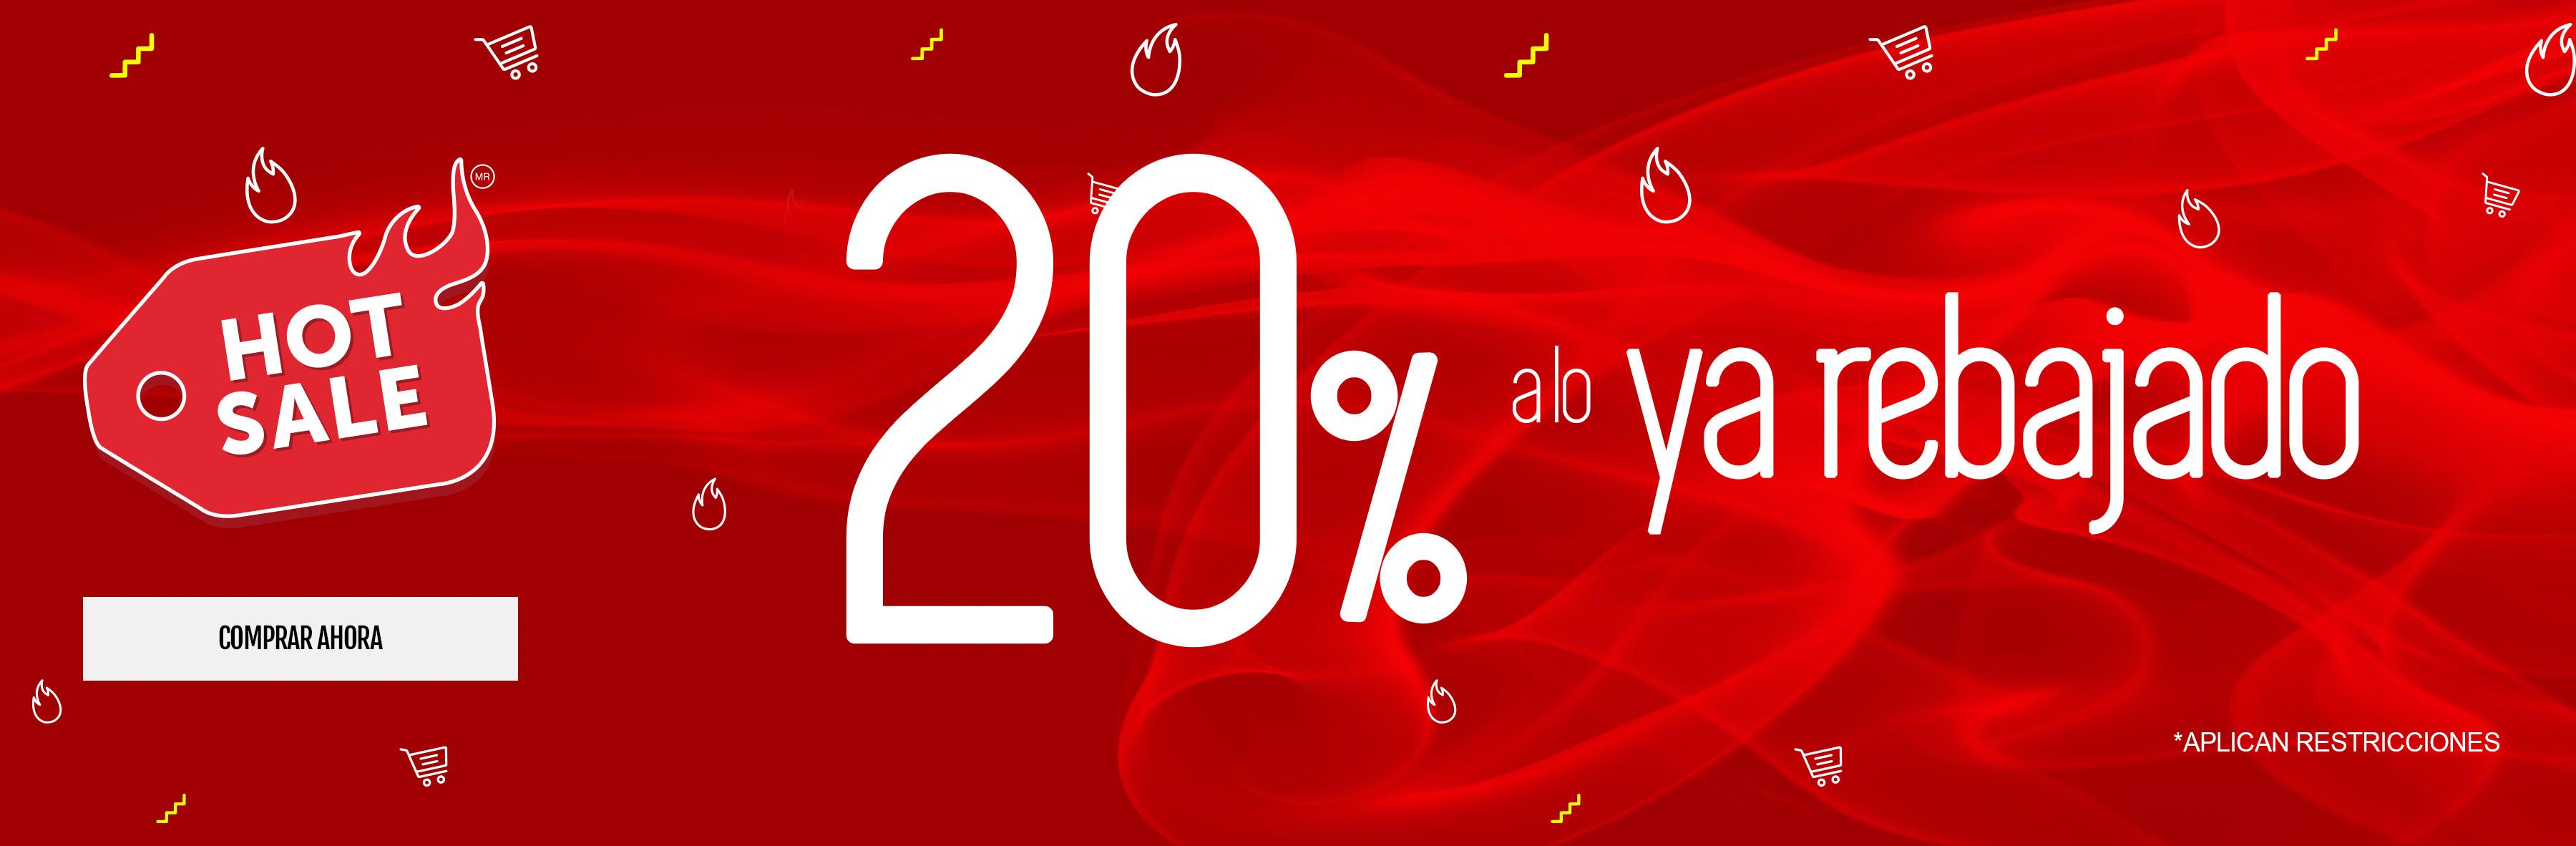 20% de descuento a lo ya rebajado